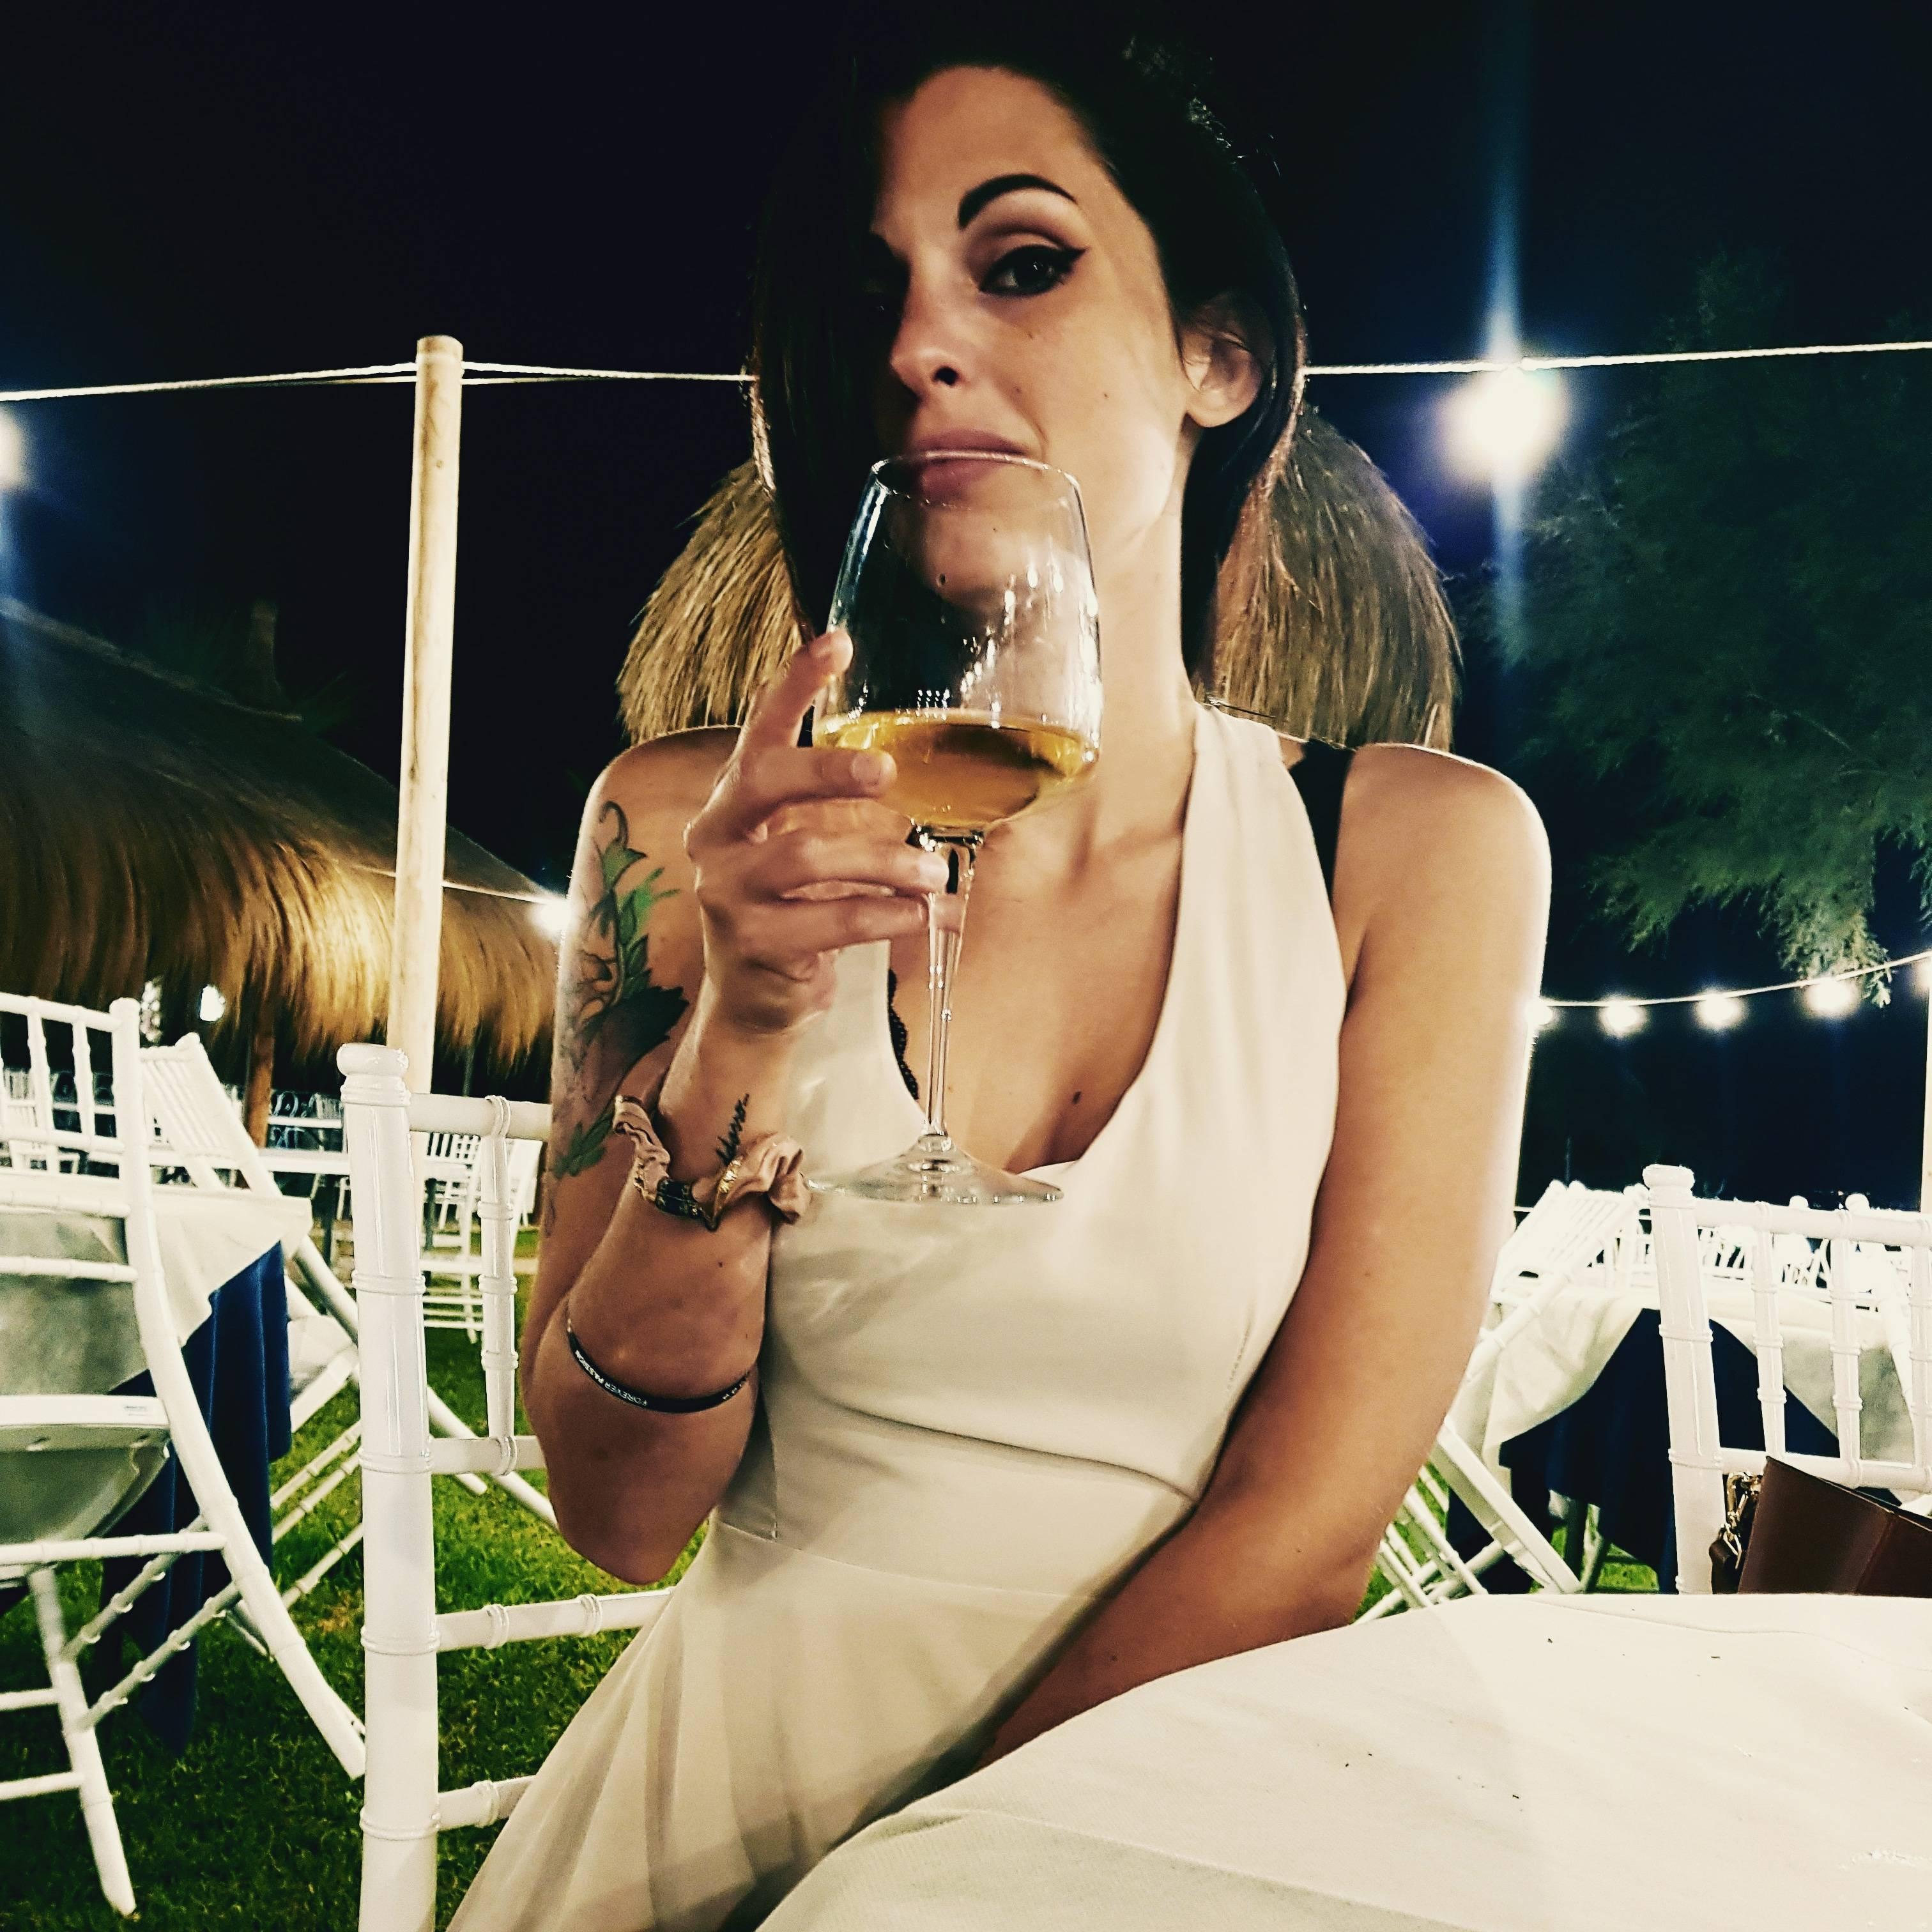 Juliet_roses__ Pagina instagram pubblicizzo con foto